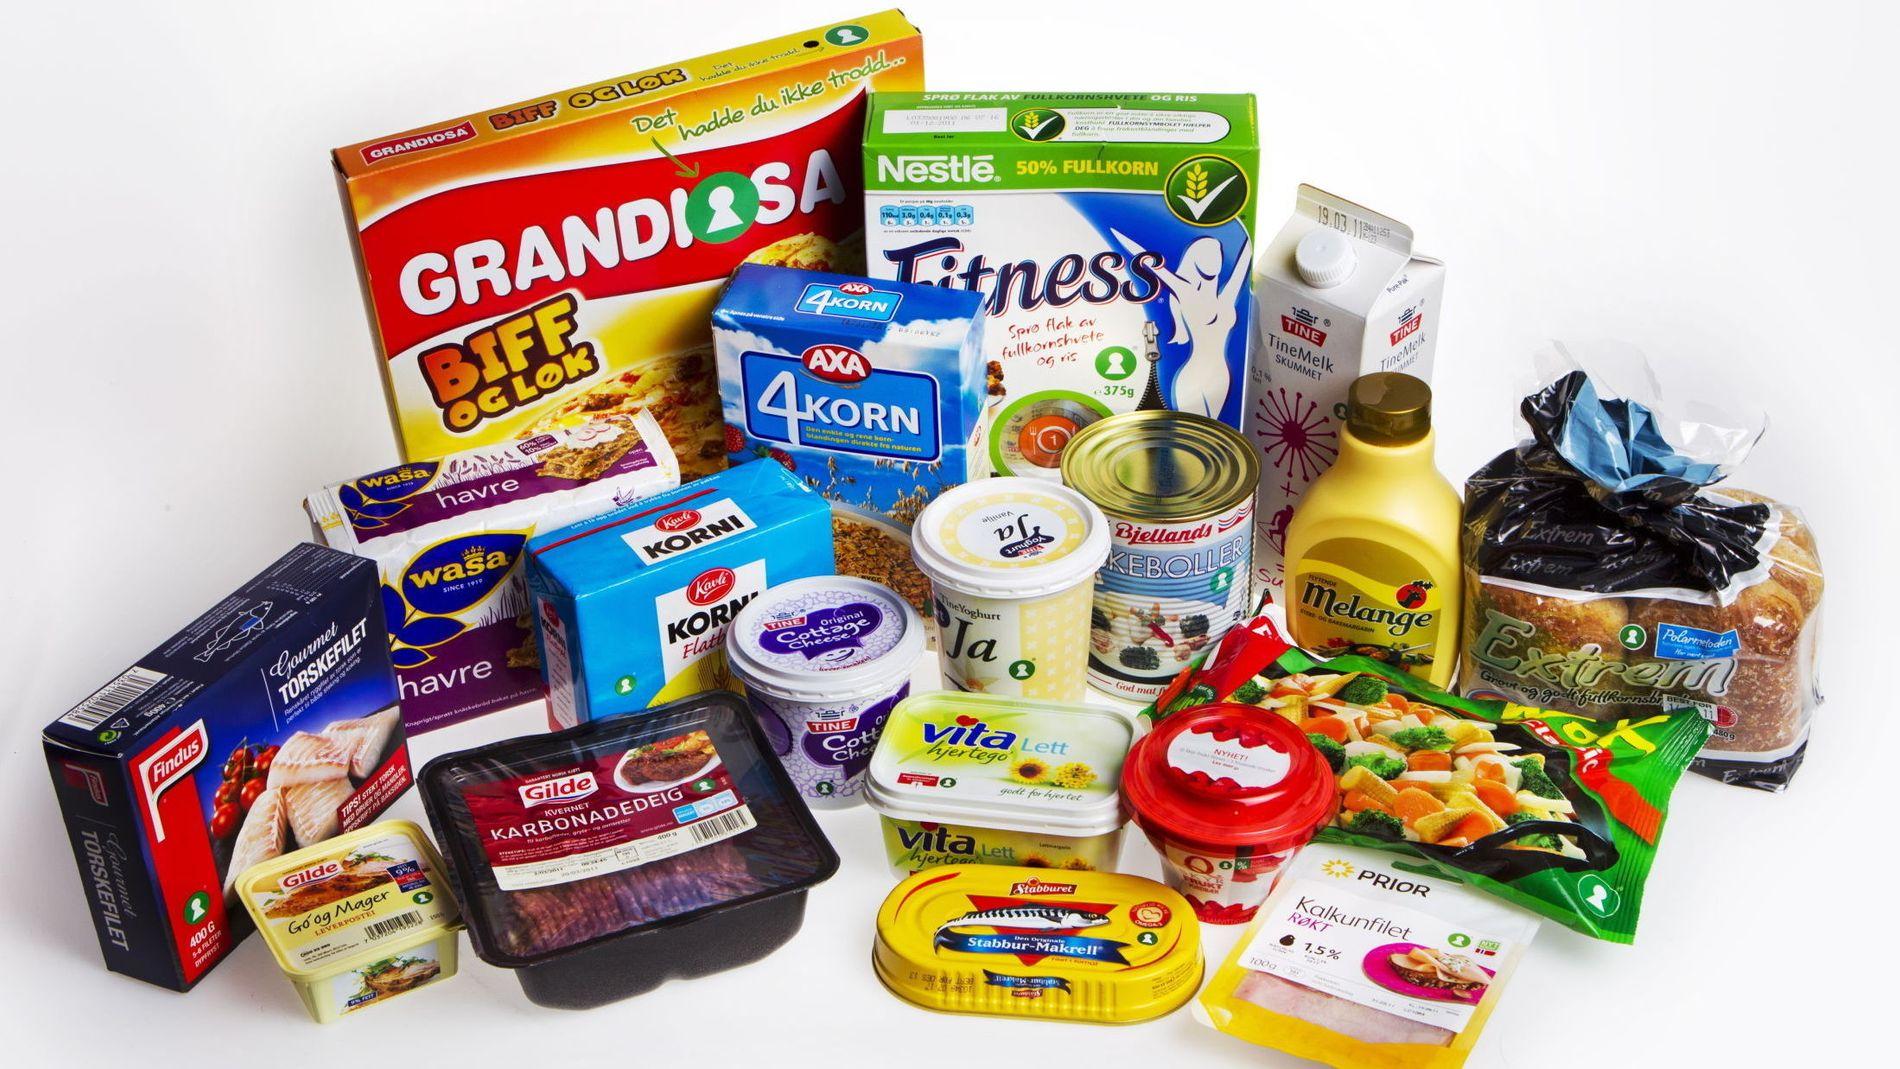 FULL PRISKRIG: I 2011 ga Kiwi kundene et prisavslag tilsvarende momsen på nøkkelhullsvarer, og konkurrerende matkjeder kastet seg i priskampen. Da skal det ha oppstått et press fra matkjedene overfor leverandørene om å droppe nøkkelhullsmerket.